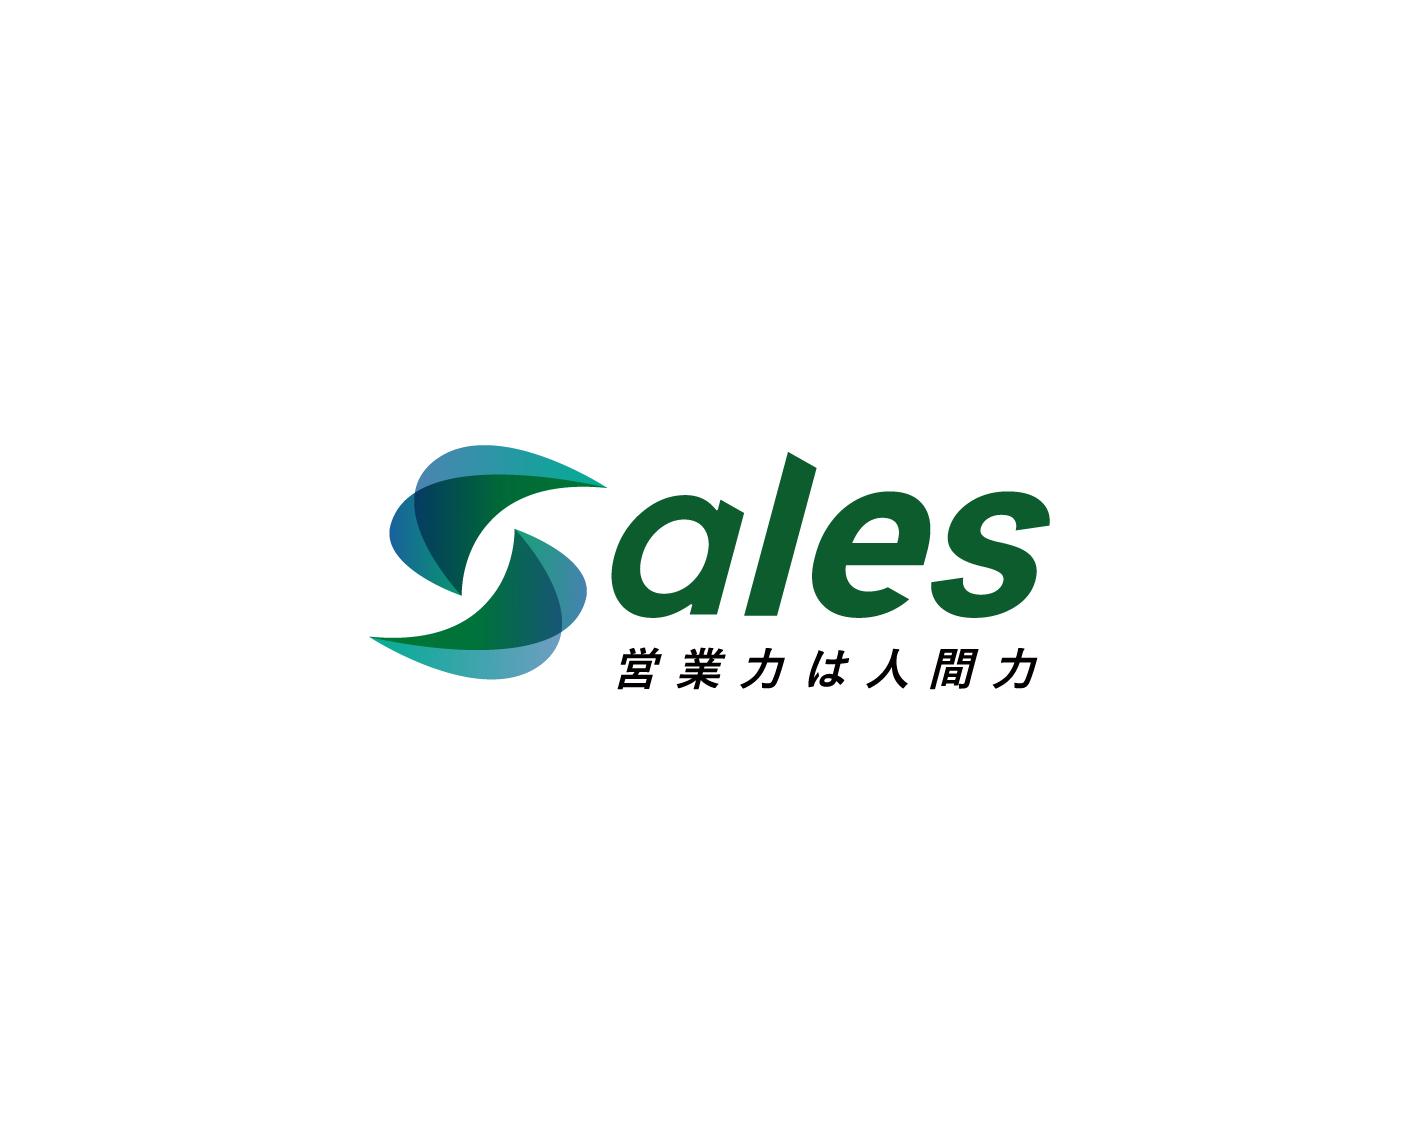 Sales_営業力は人間力